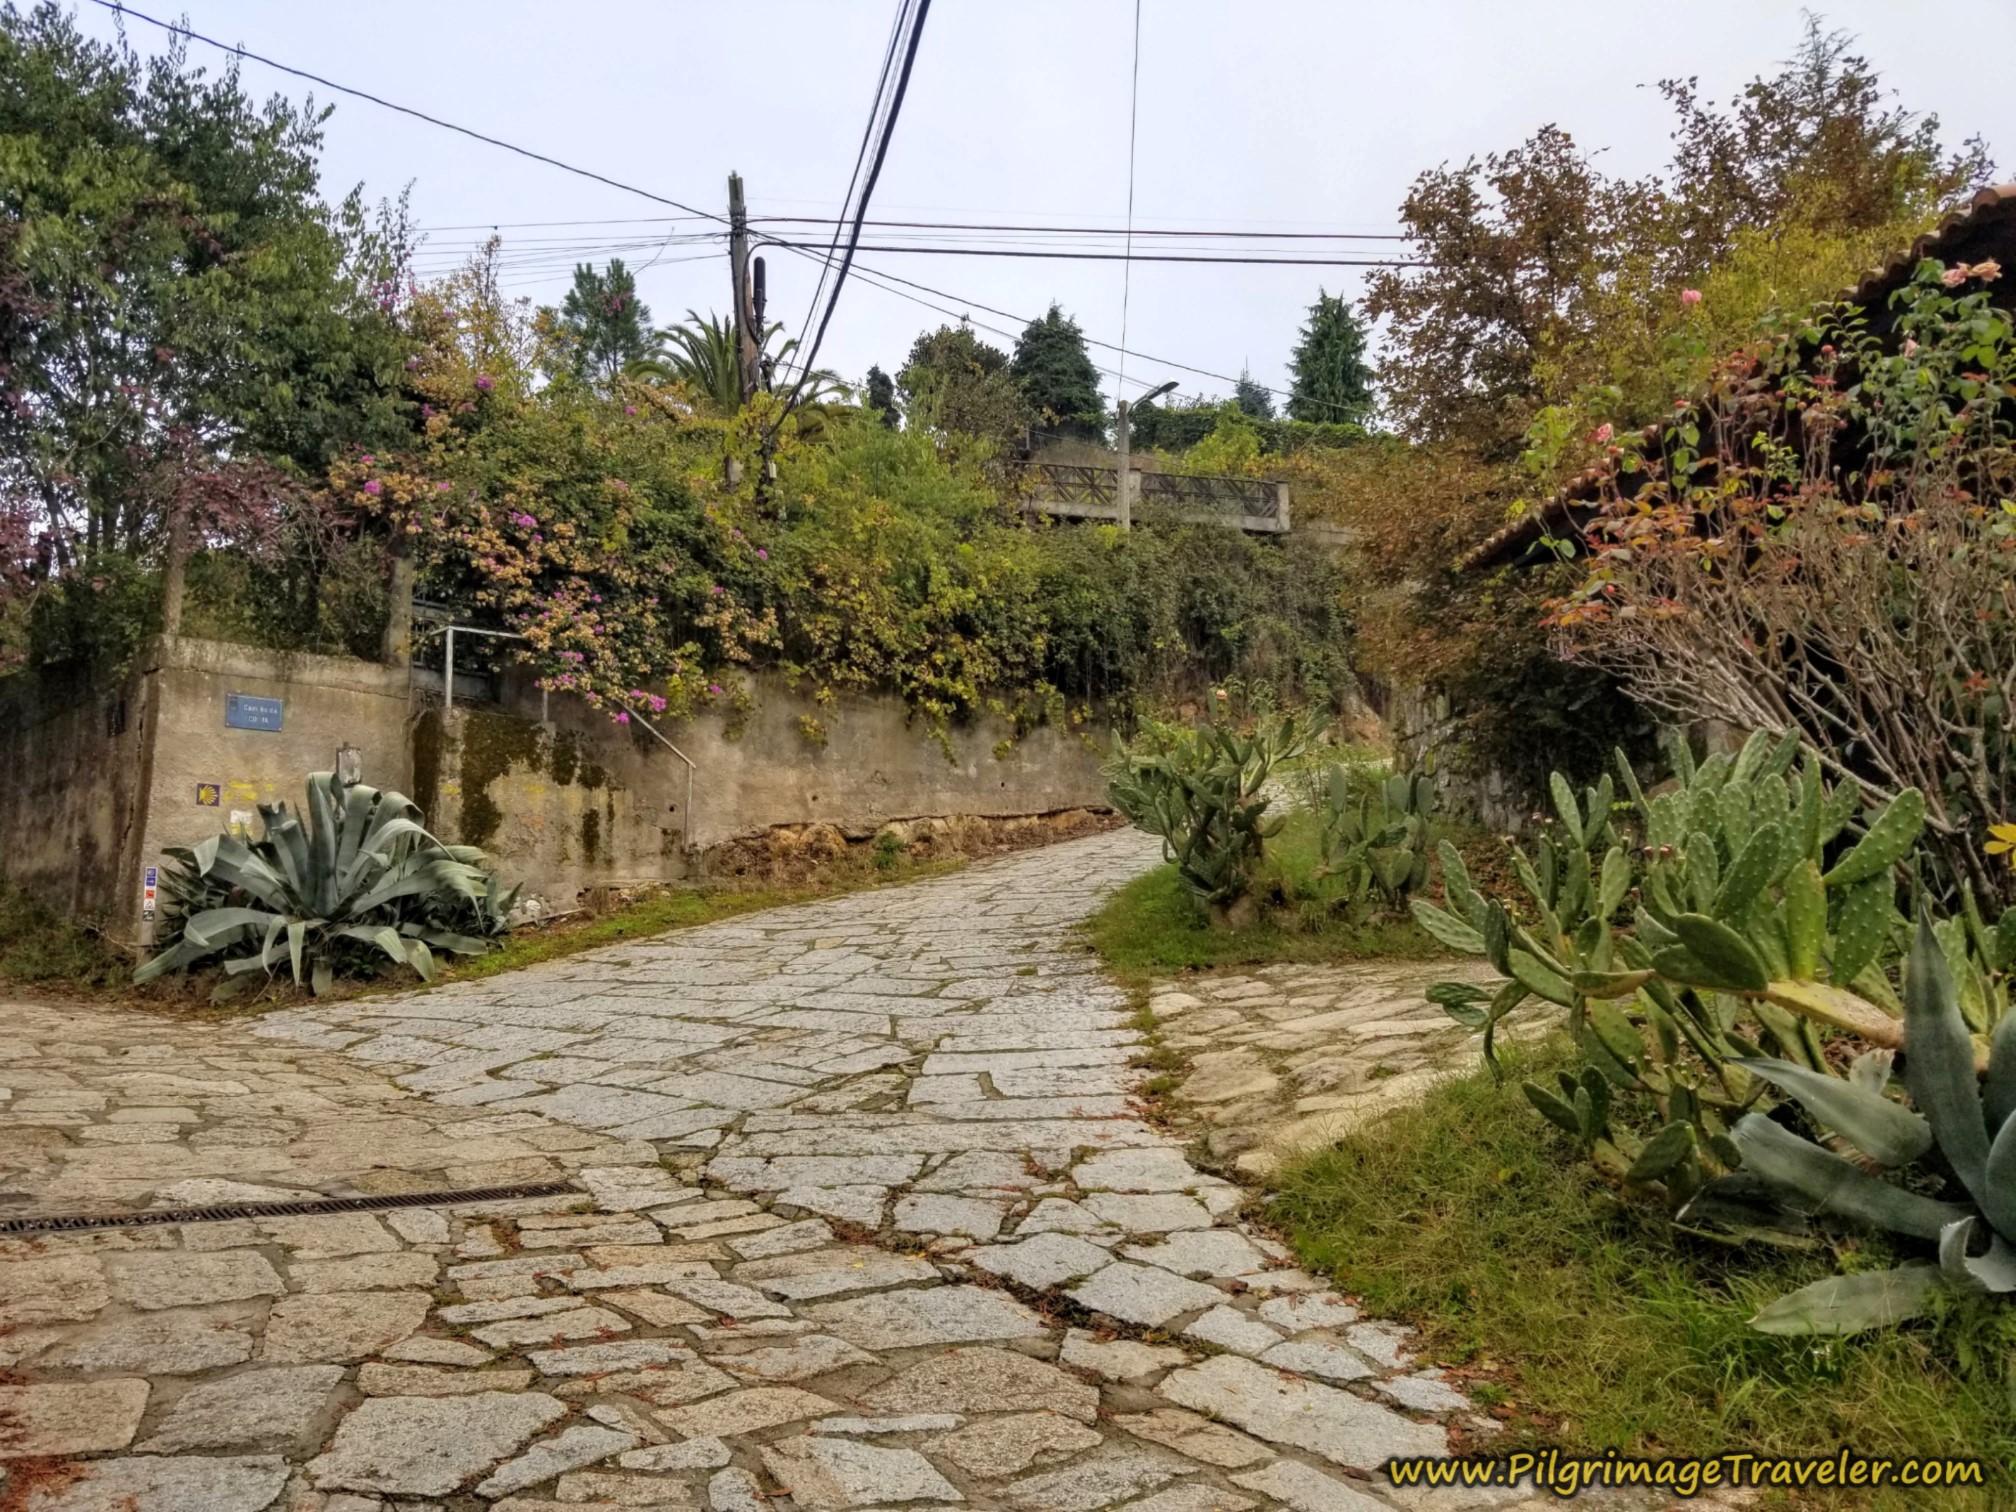 Right Road Bend, on the Camiño Real Cudeiro Sur, Camino Sanabrés, Ourense to Cea